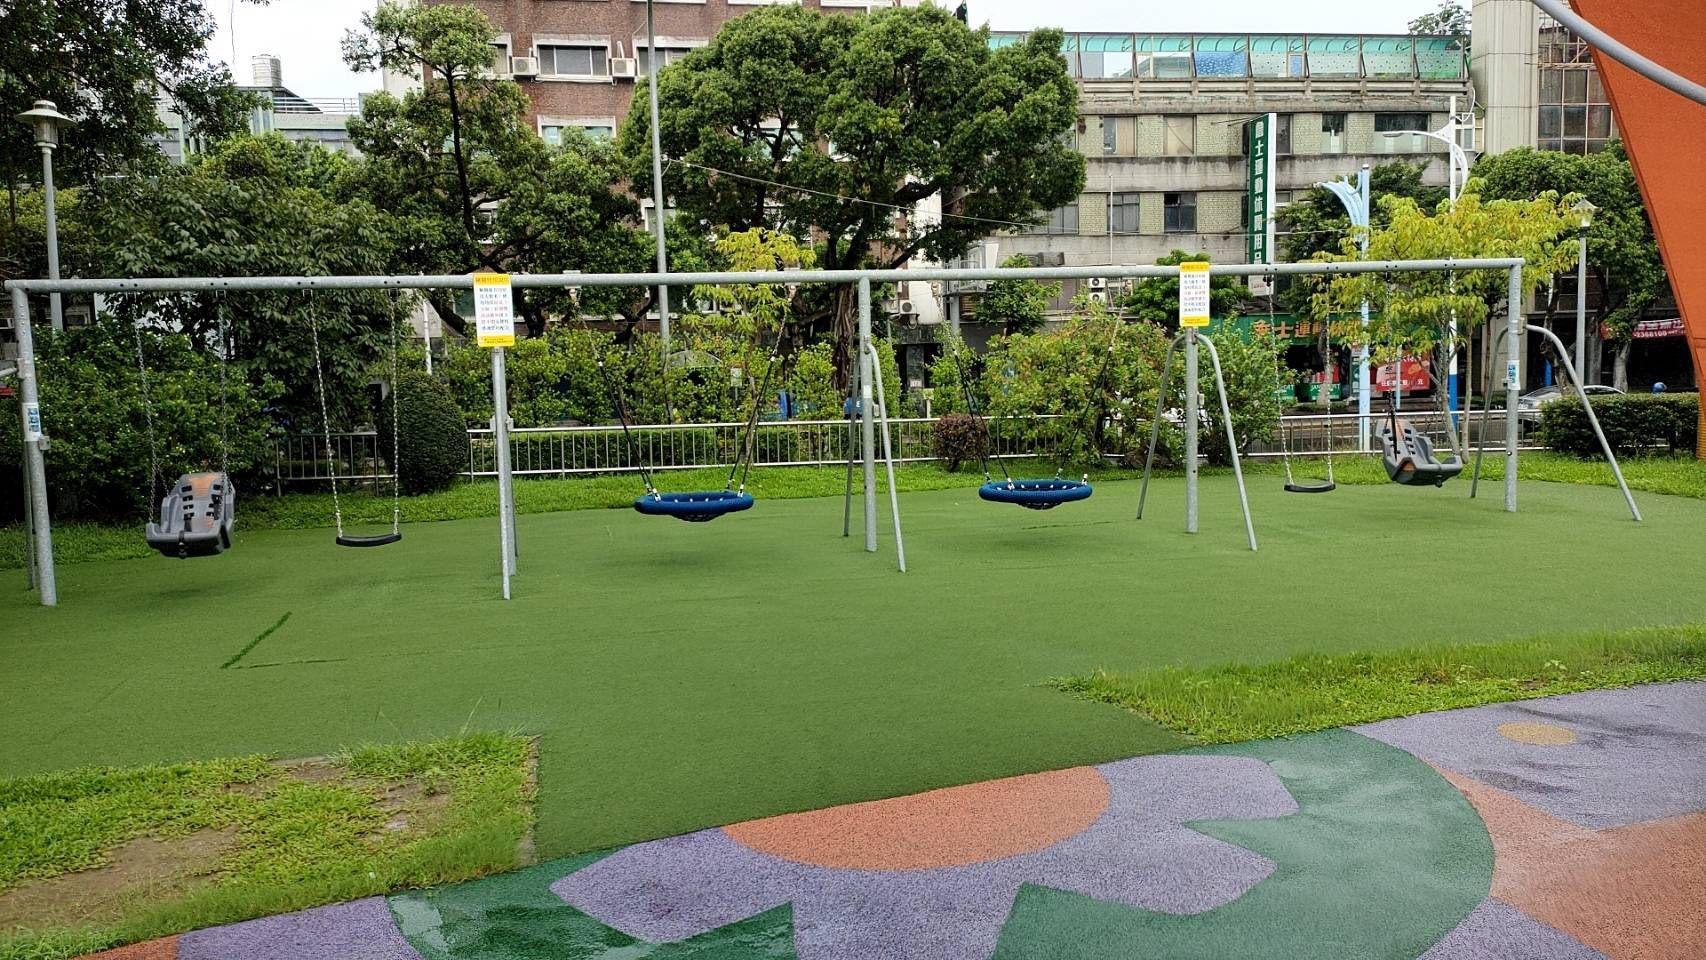 台北市花博公園美術園區的鞦韆。 圖:網上圖片